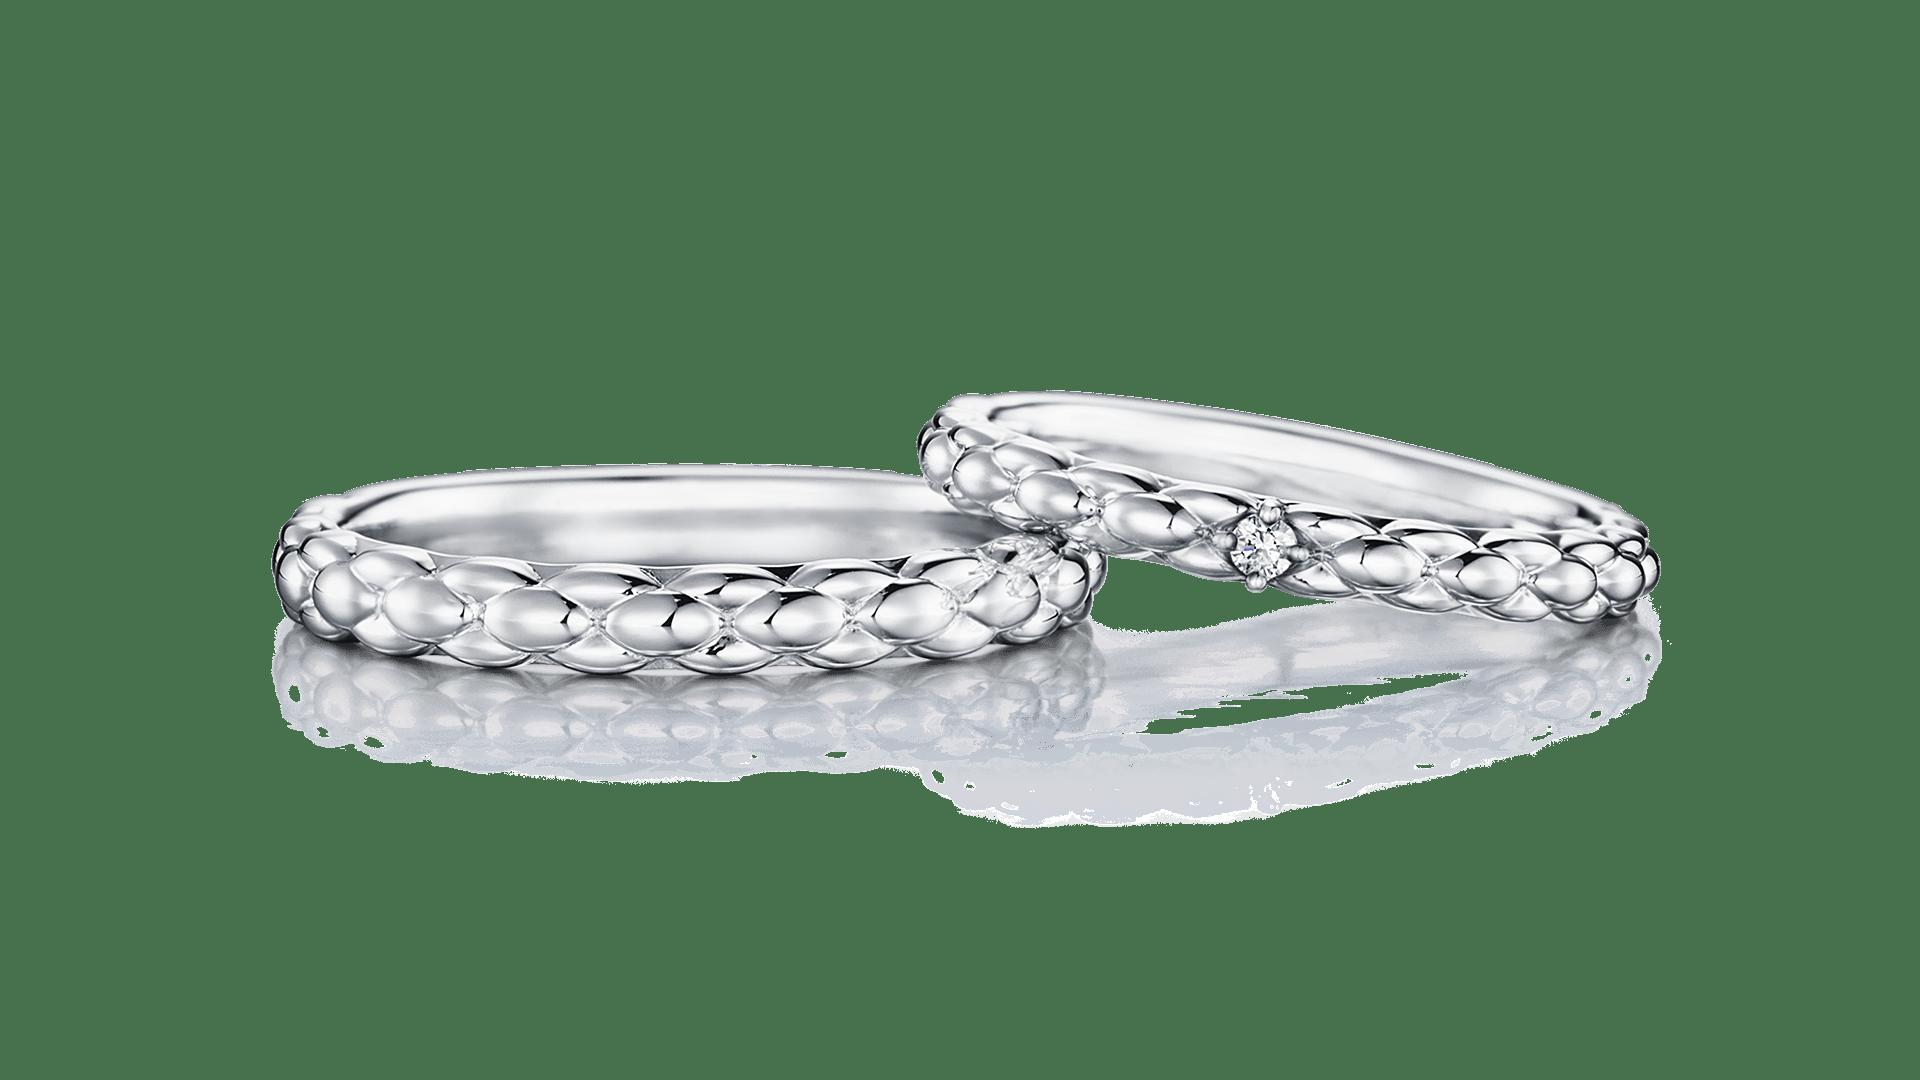 virch ヴァーチ | 結婚指輪サムネイル 1